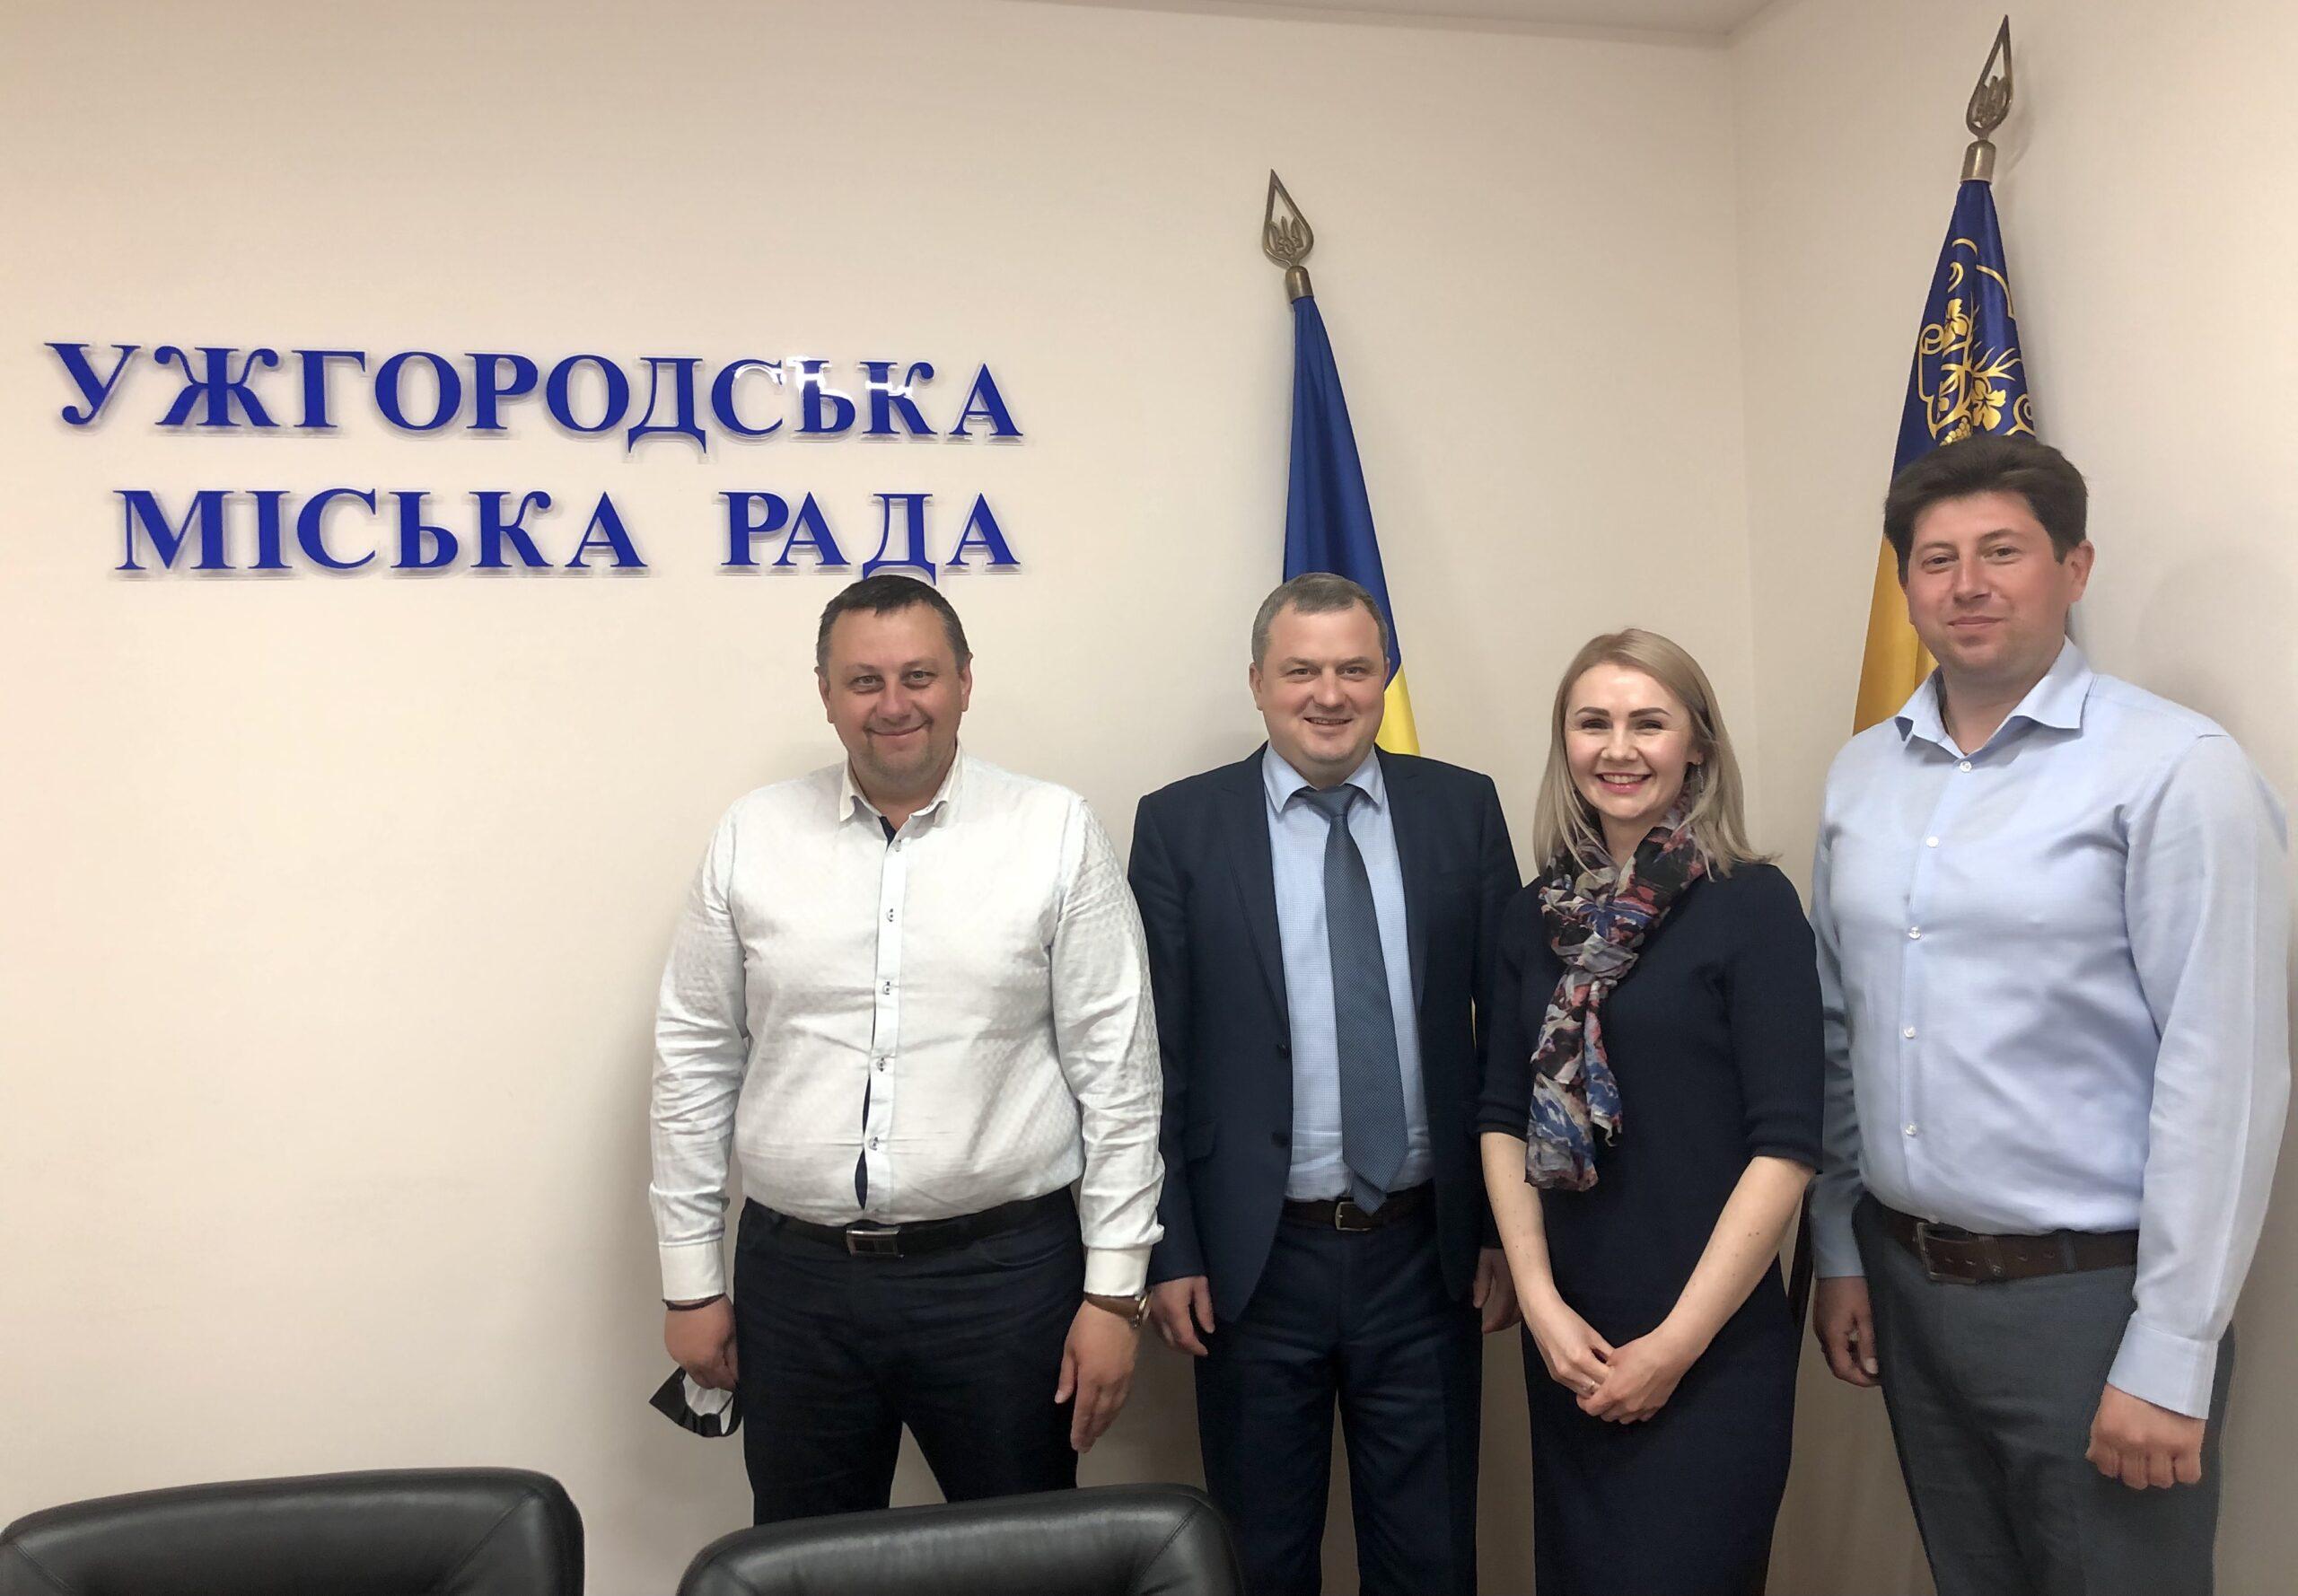 Польсько-Українська Господарча Палата продовжує розвивати відносини з українськими регіонами: Закарпаття та Тернопільщина активізують співпрацю